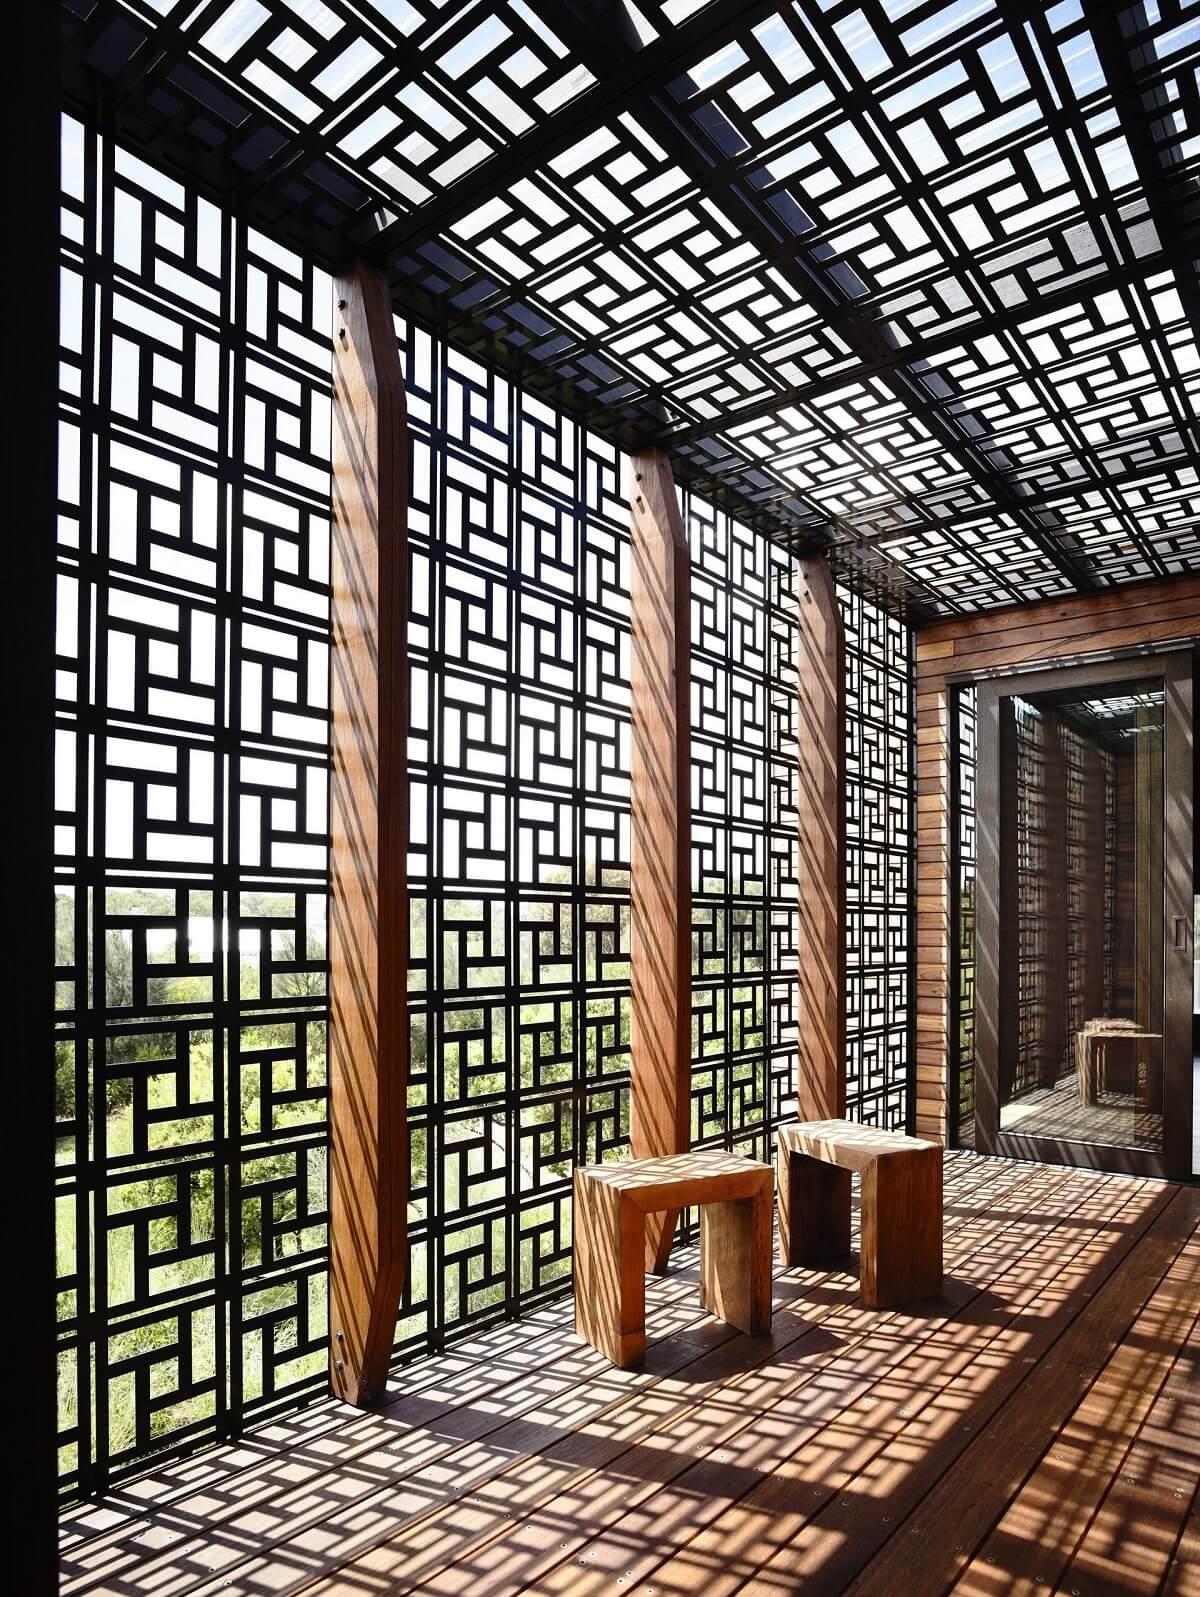 O muxarabi proporcionar maior conforto térmico nas construções. Fonte: Pinterest